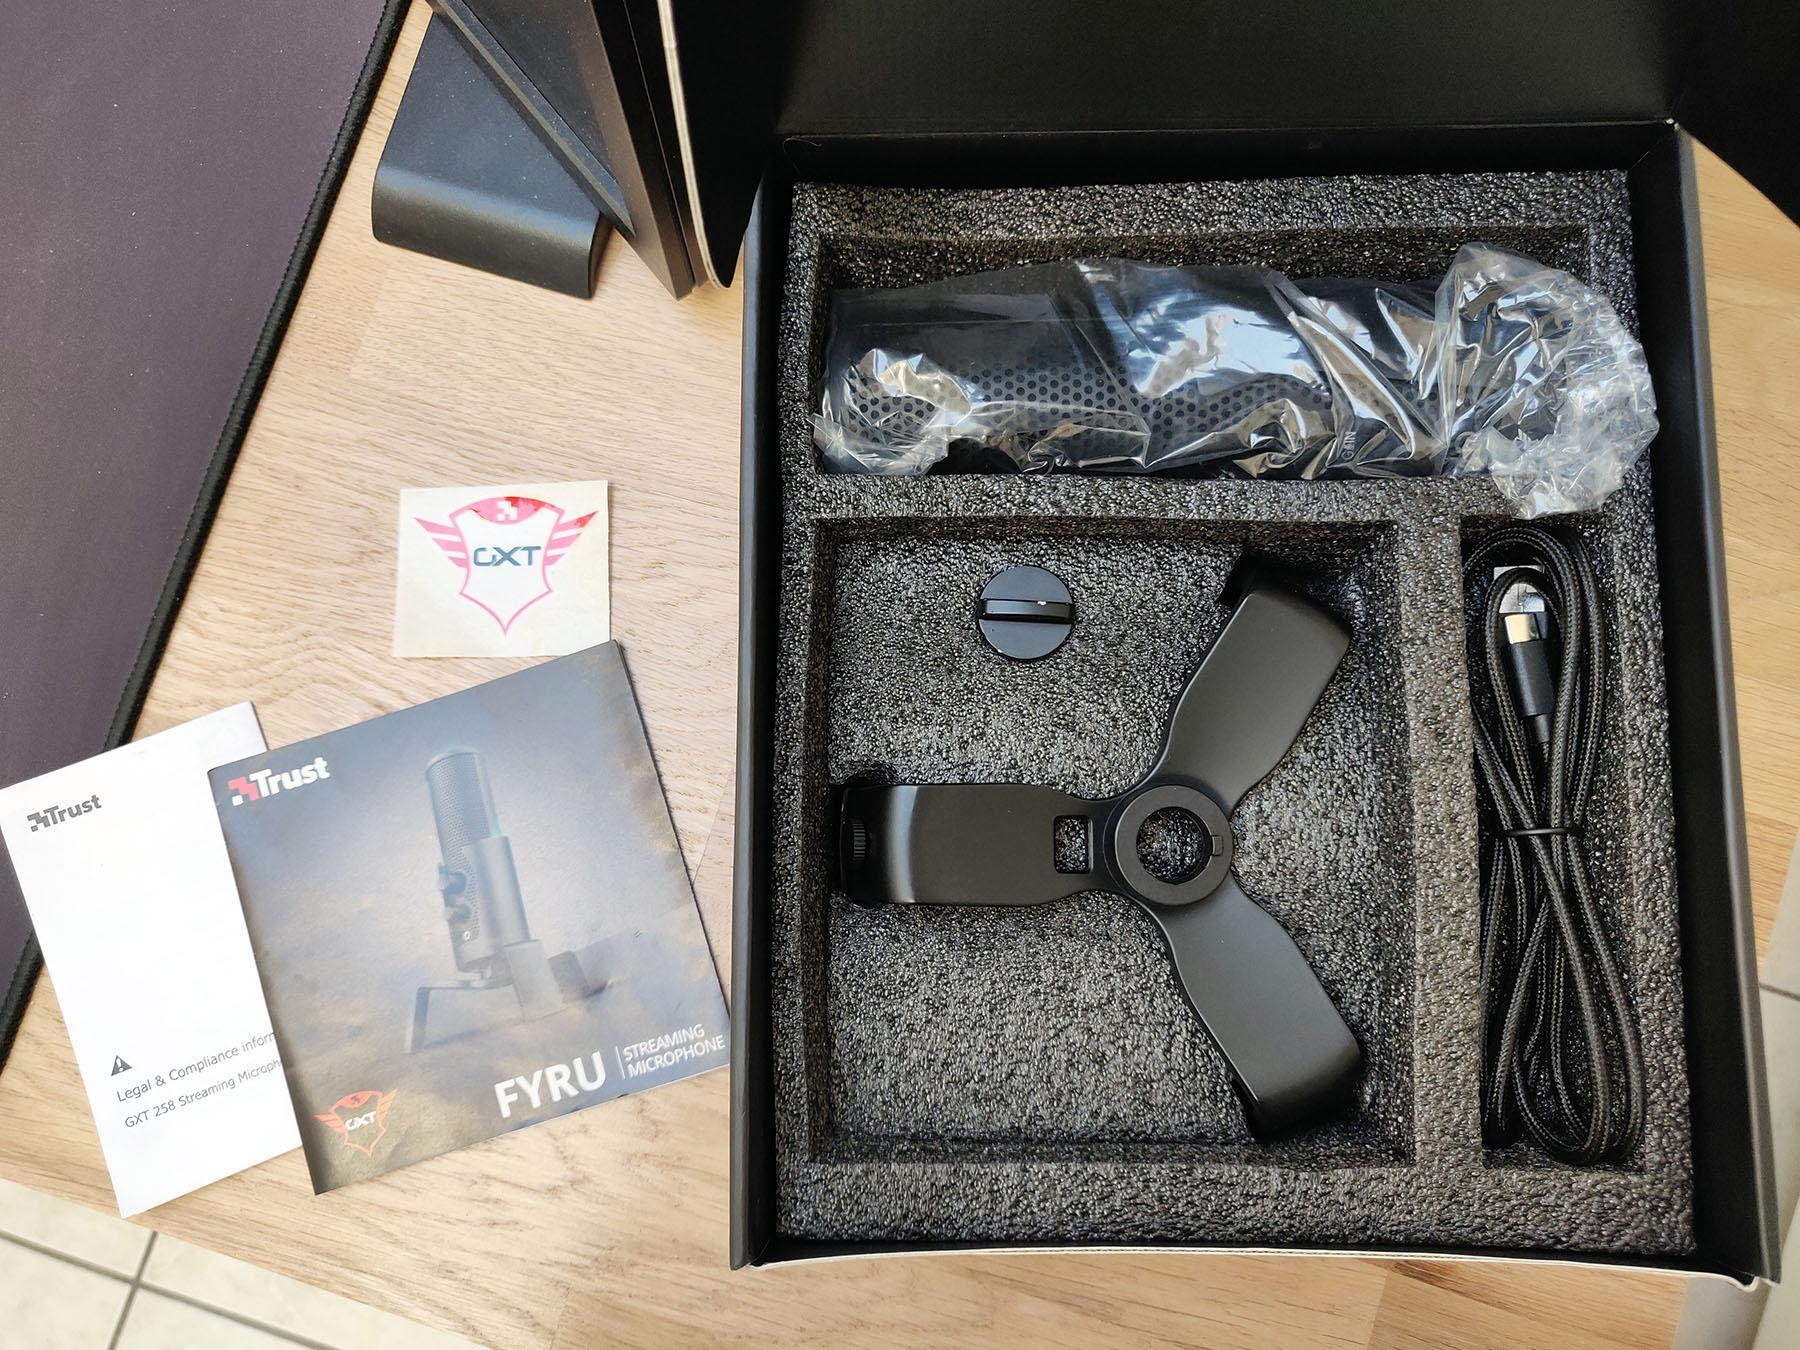 Trust Fyru Gxt 258 Test Micro Box Packaging Bundle Omgpu